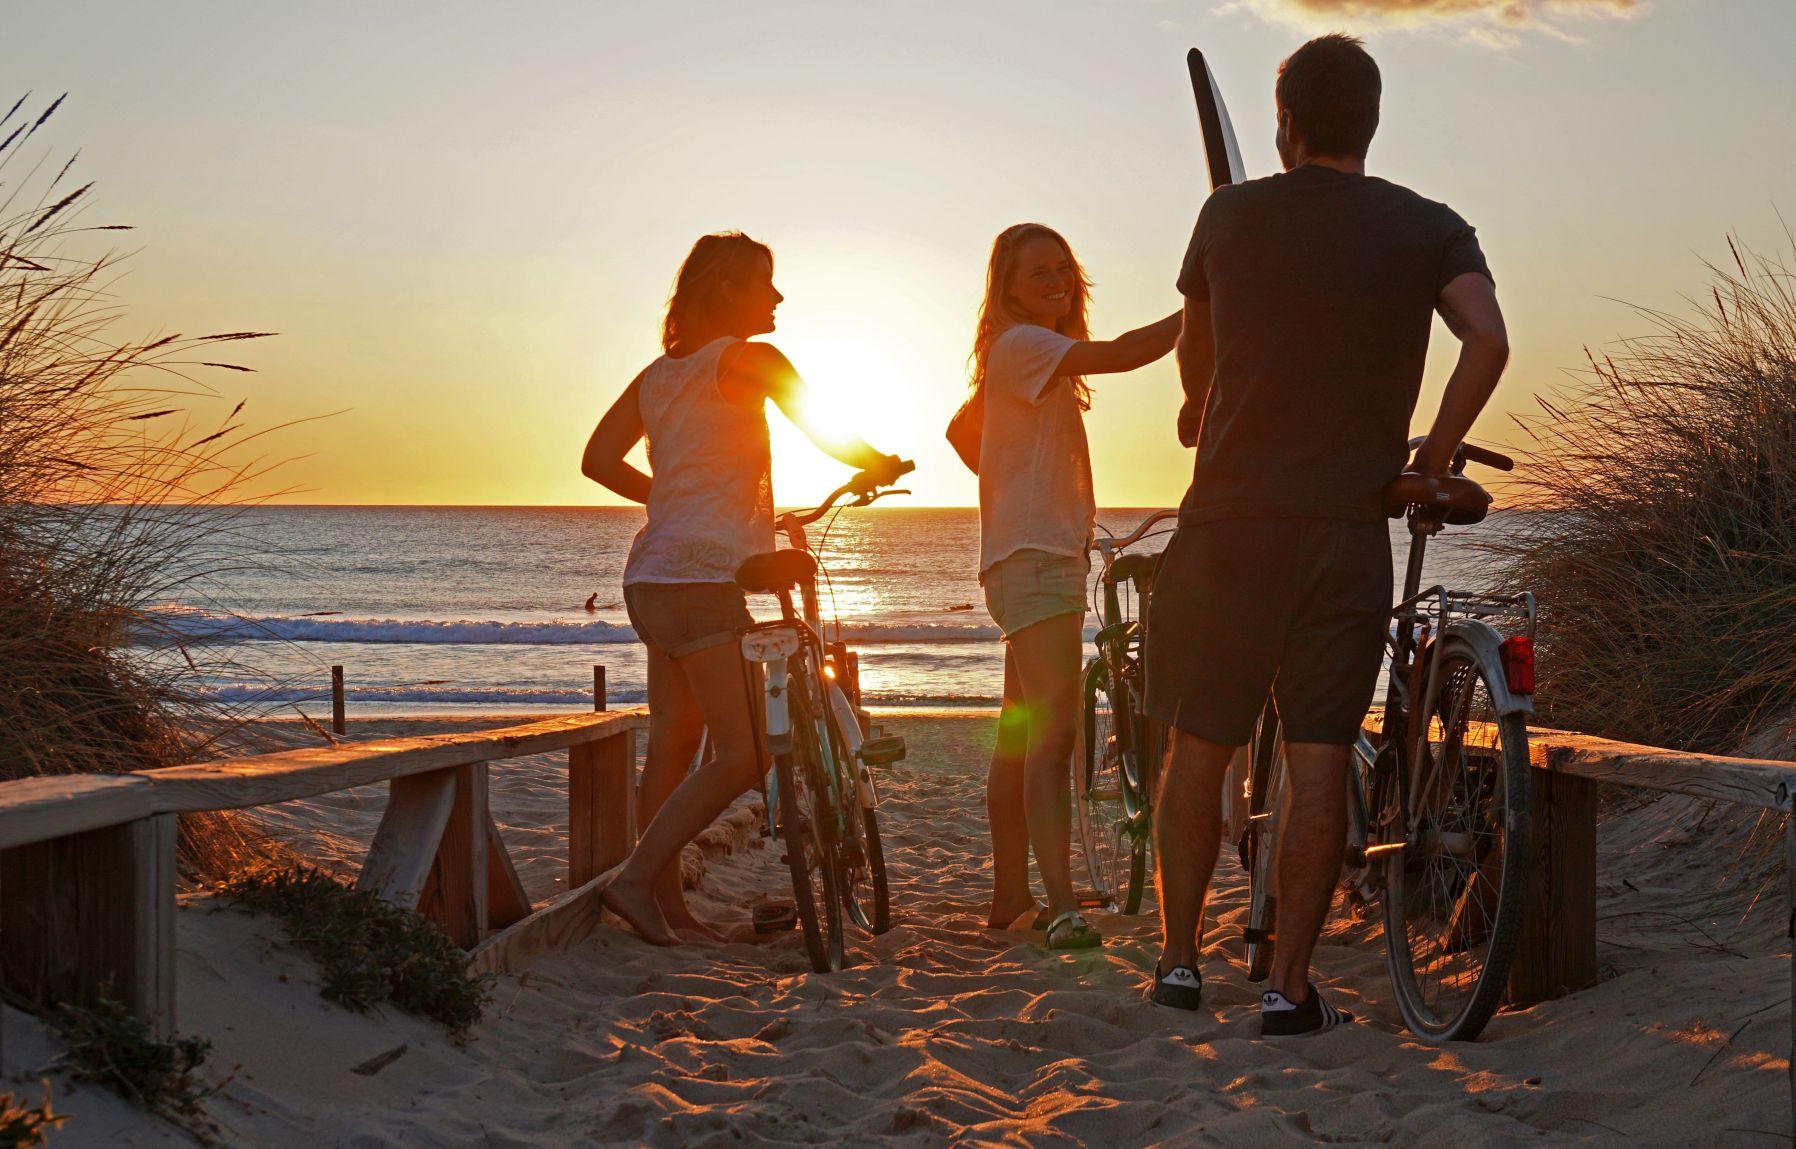 Surfen, gutes Essen und tolles Wetter am Strand von El Palmar in Spanien